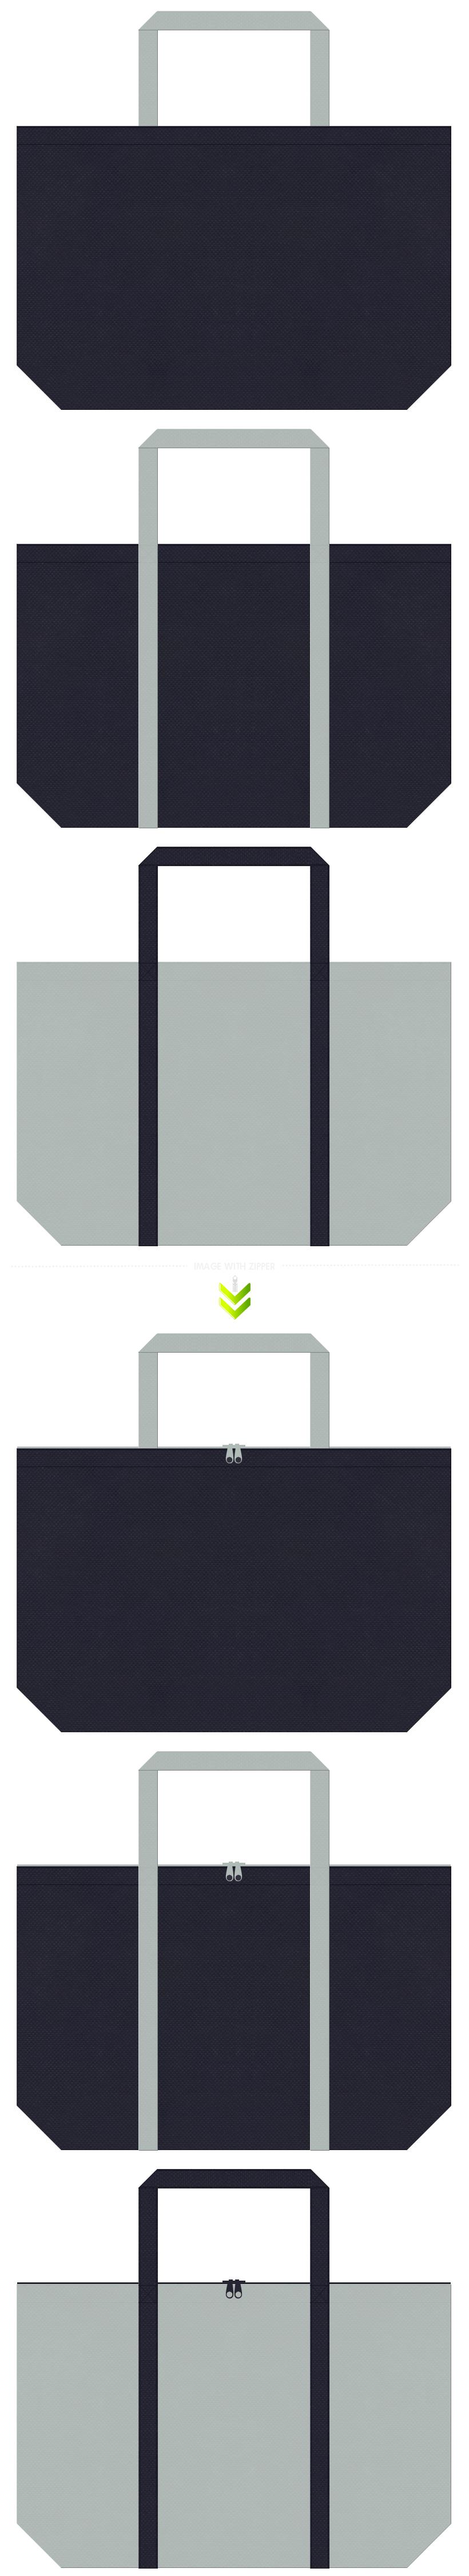 バッグノベルティのコーデ。濃紺色とグレー色の不織布バッグデザイン。